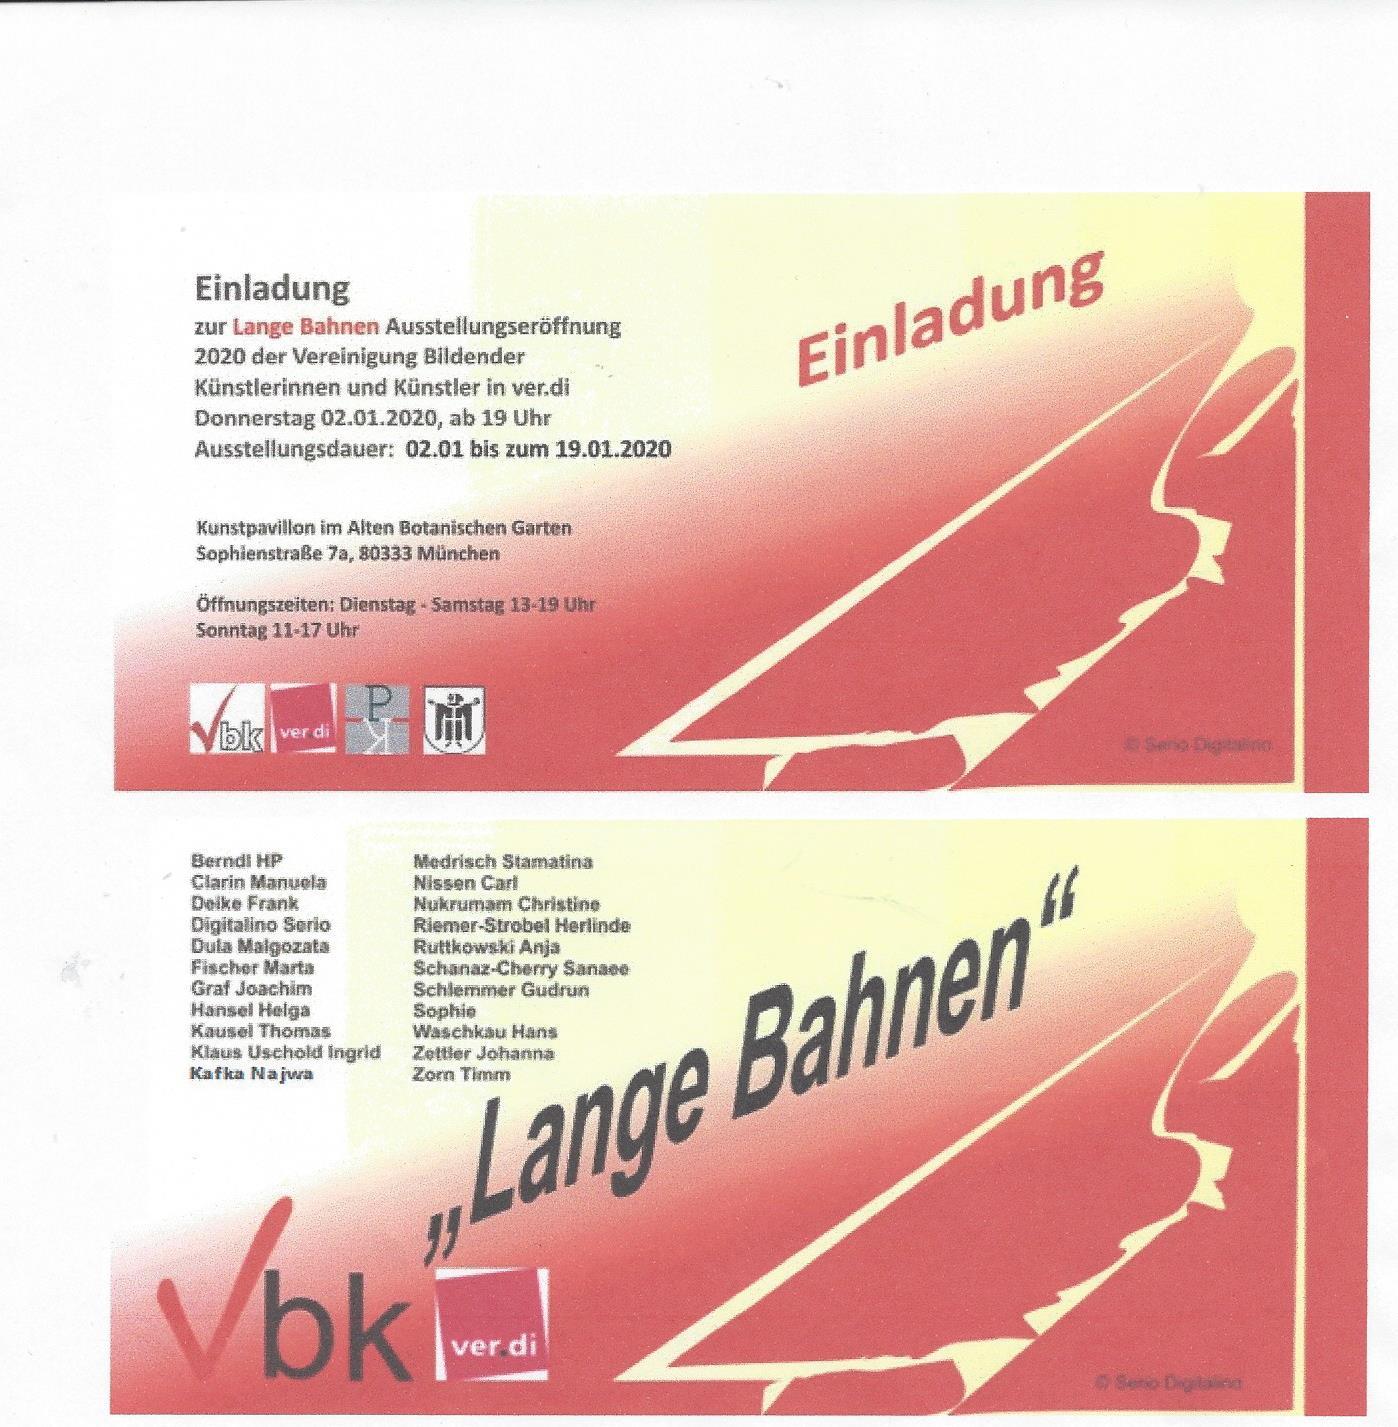 VBK Kunstpavillion im alten botanischen Garten München 2020